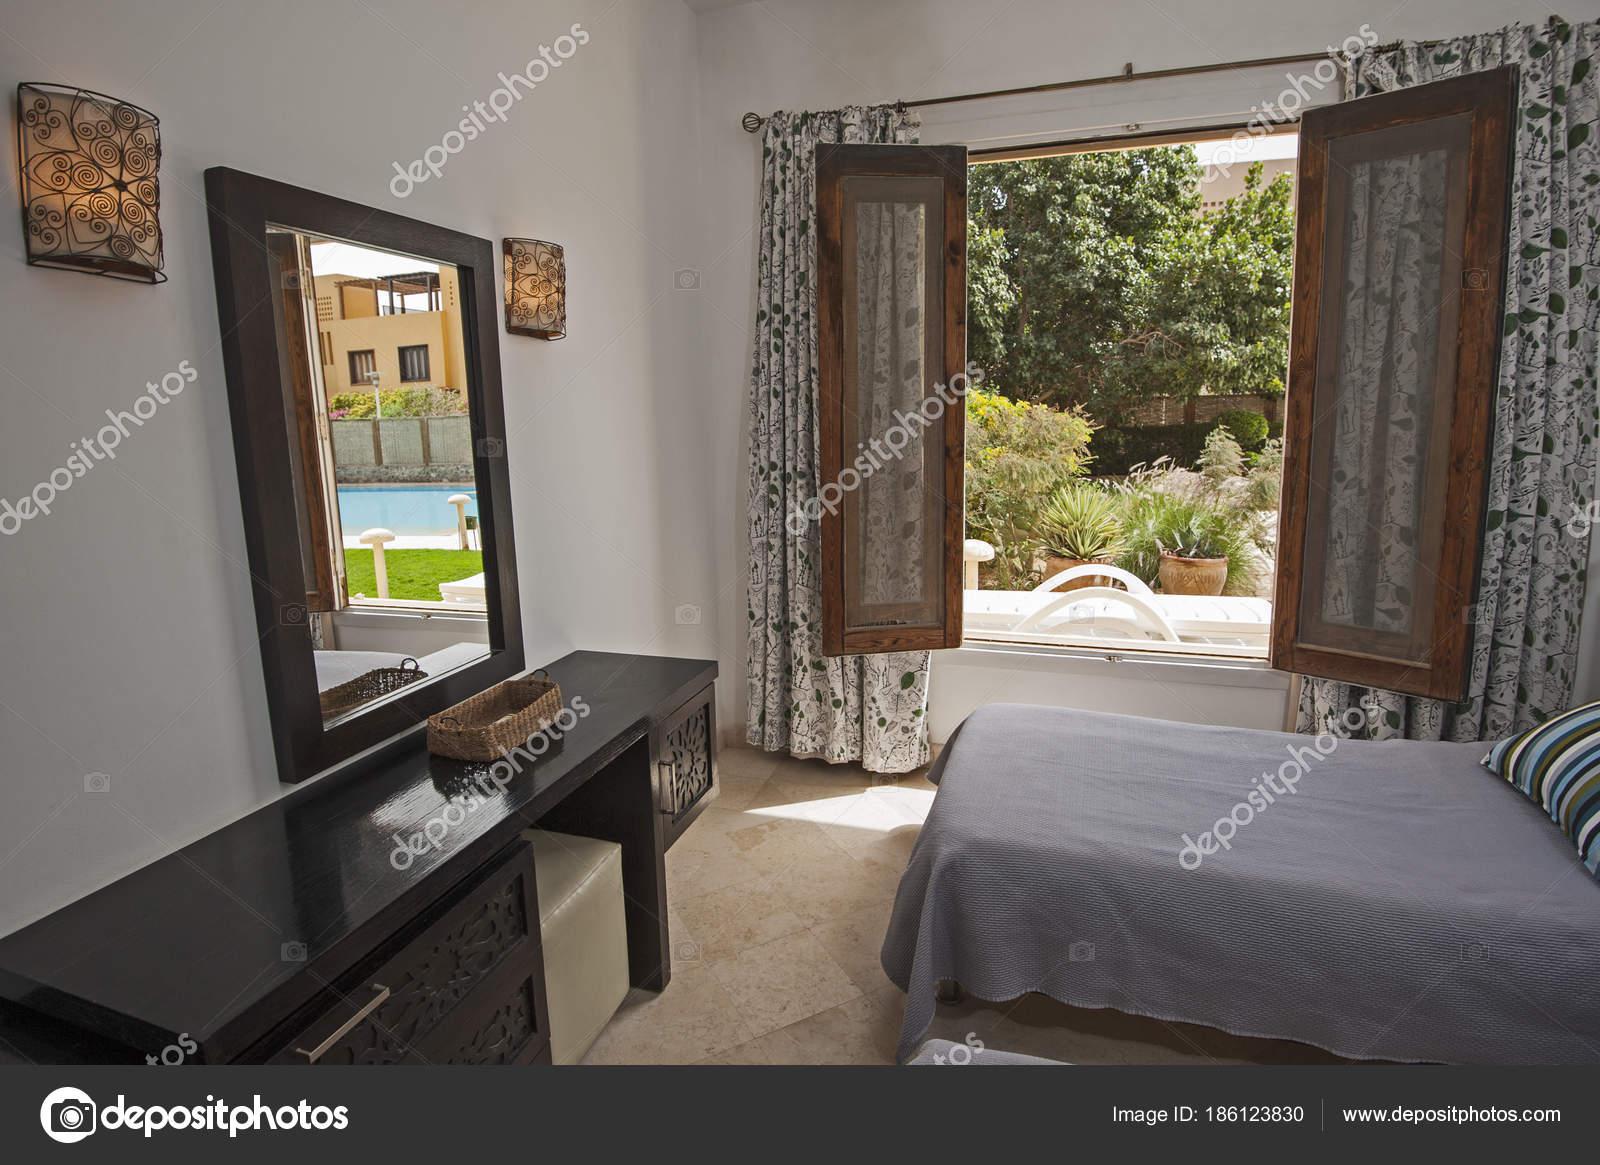 Interieur van kamer in luxevilla met uitzicht op de tuin